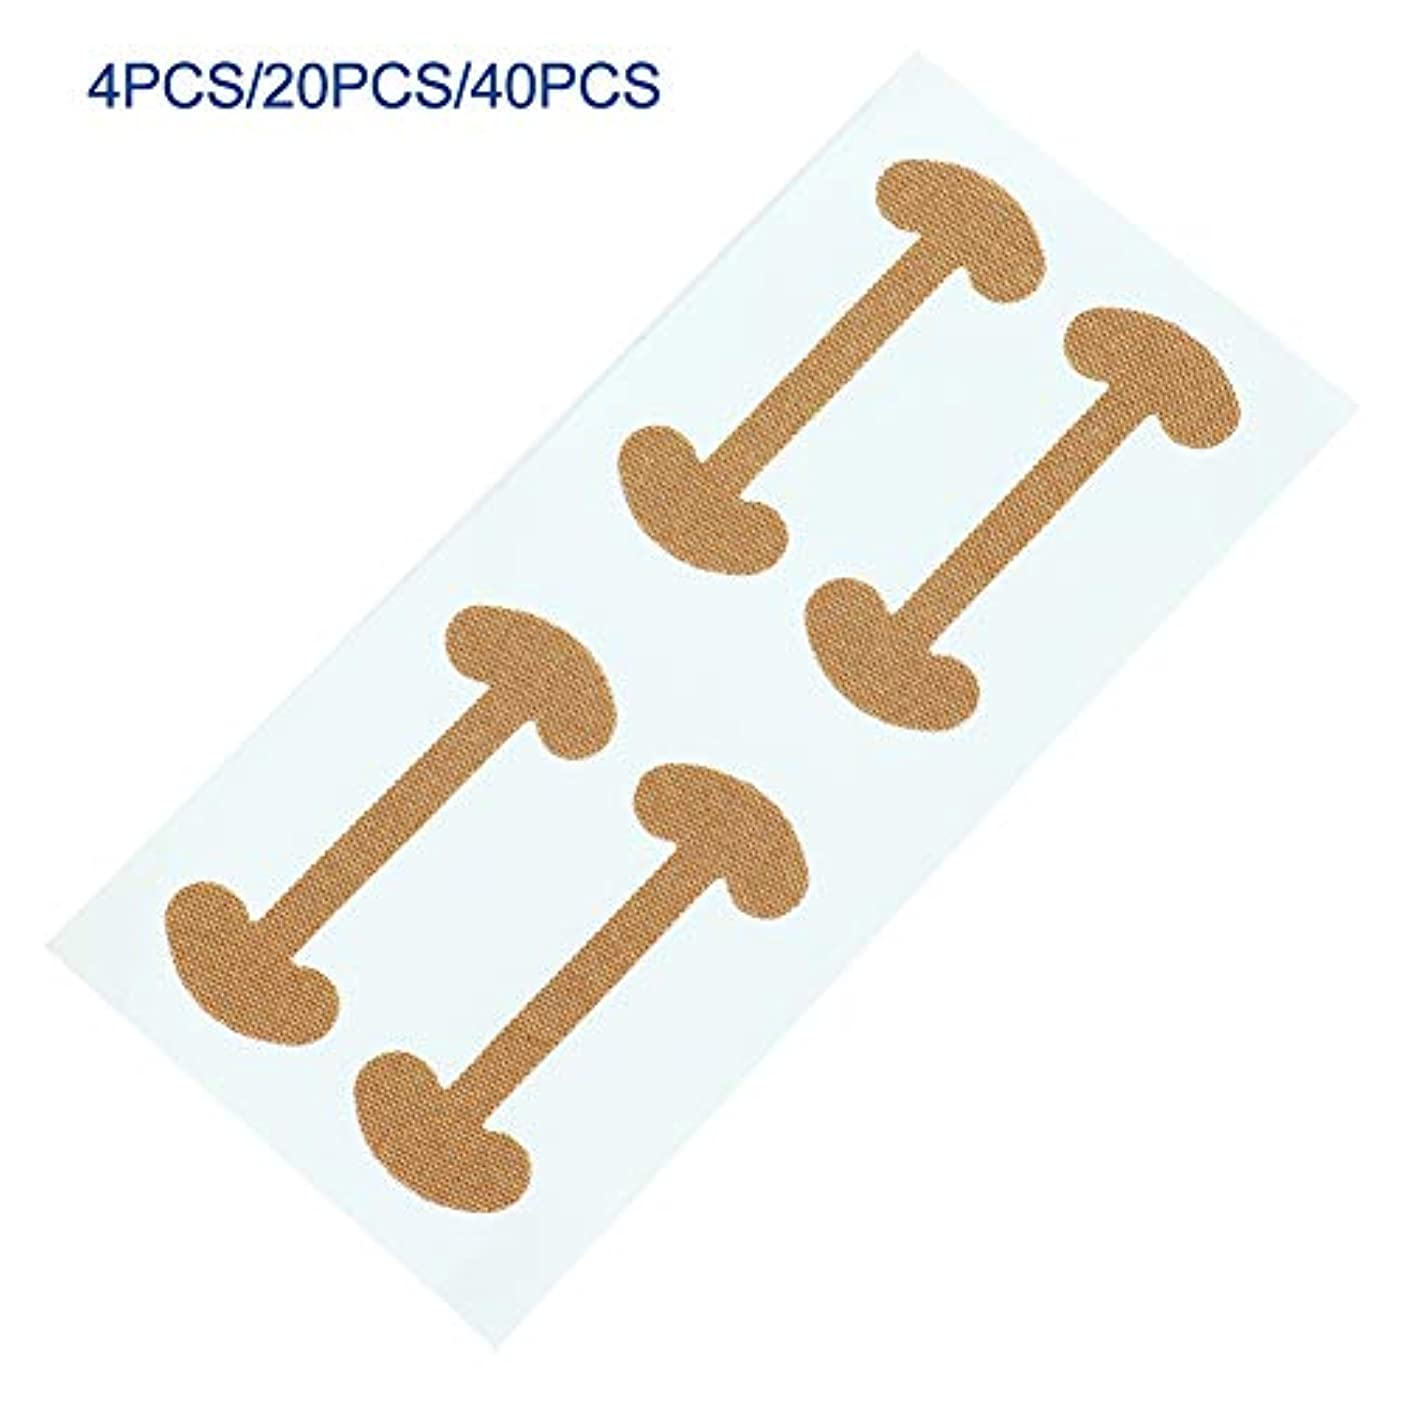 気づくなる通常ペグ爪補正ステッカー、陥入爪テープ補正テープステッカー、爪周囲爪爪テープ回復コレクター、つま先の癒しの指の爪のケアツール(40個)